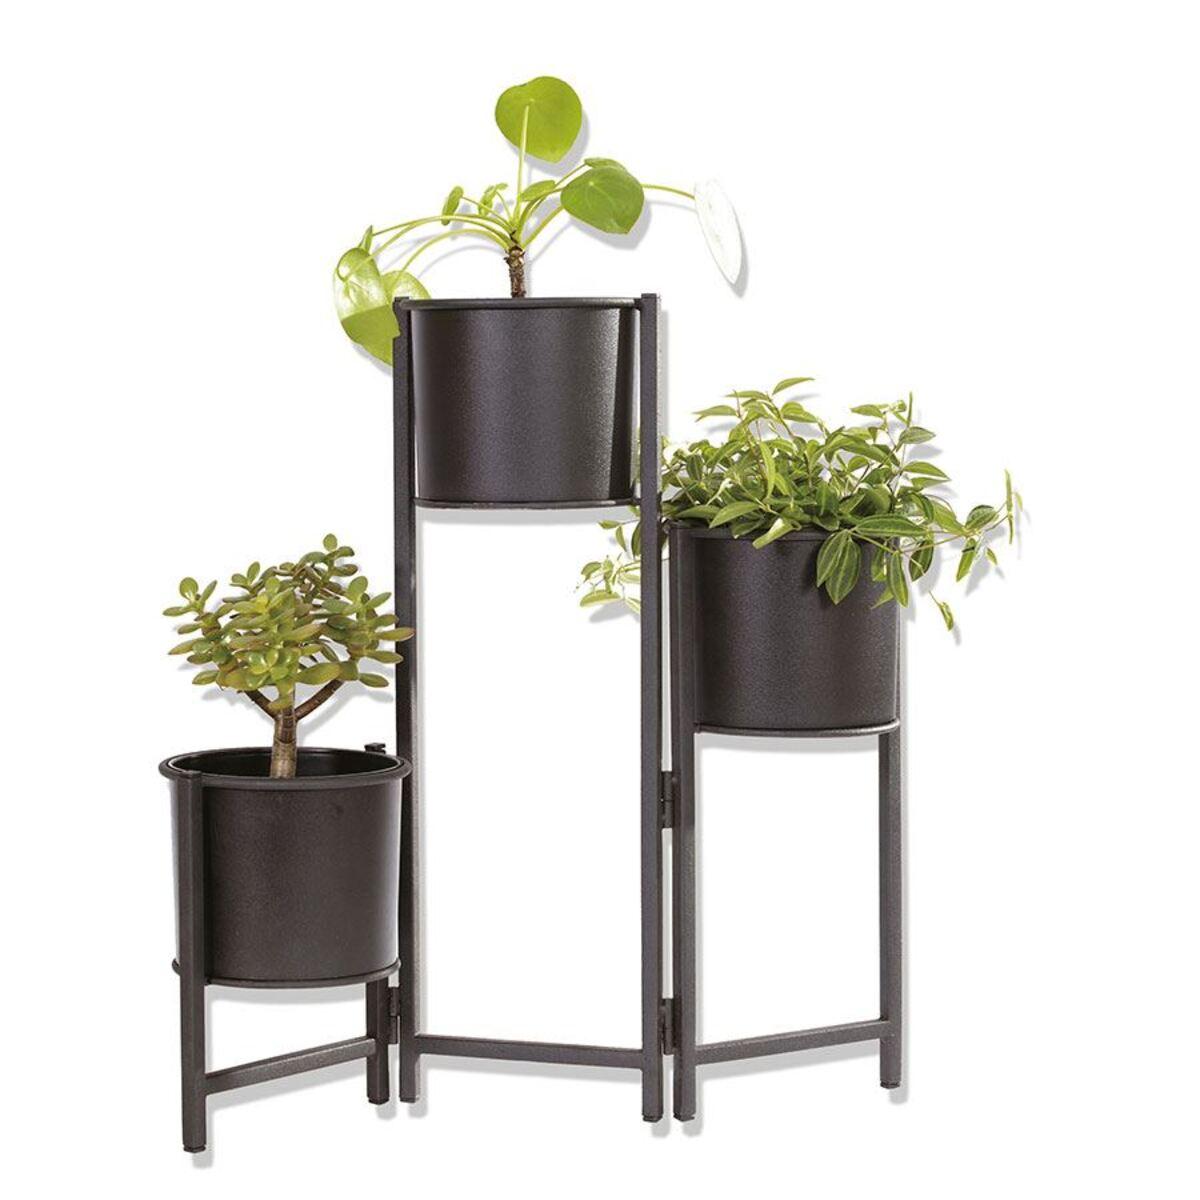 Bild 3 von Faltbarer Metall-Blumenständer mit 3 Pflanztöpfen Schwarz